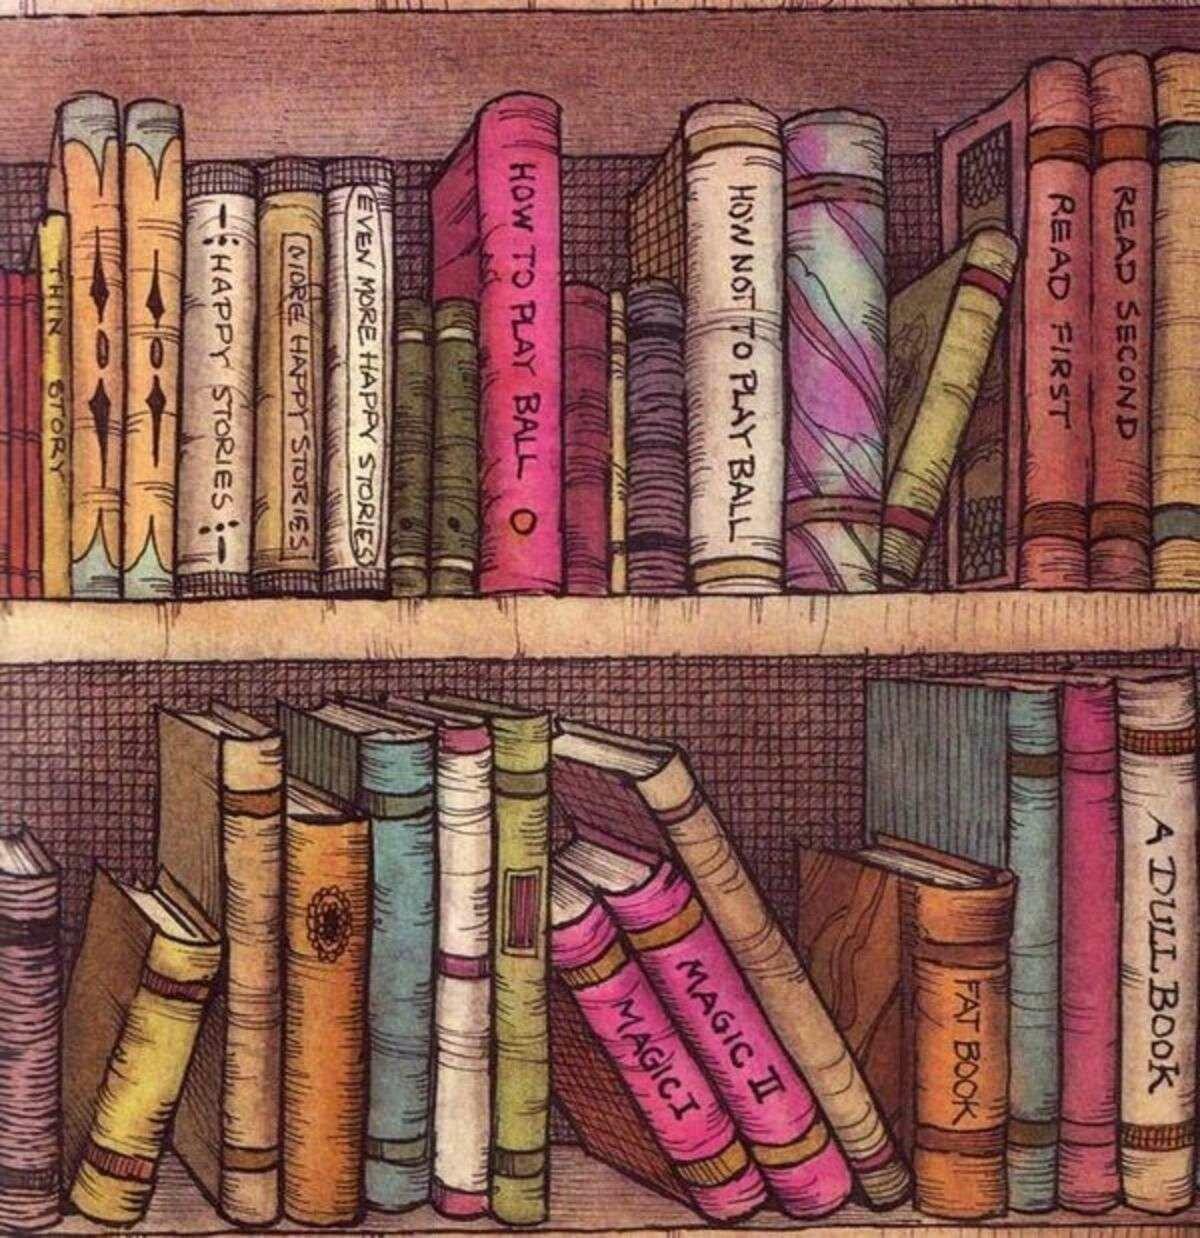 Рисованные картинки с книгами